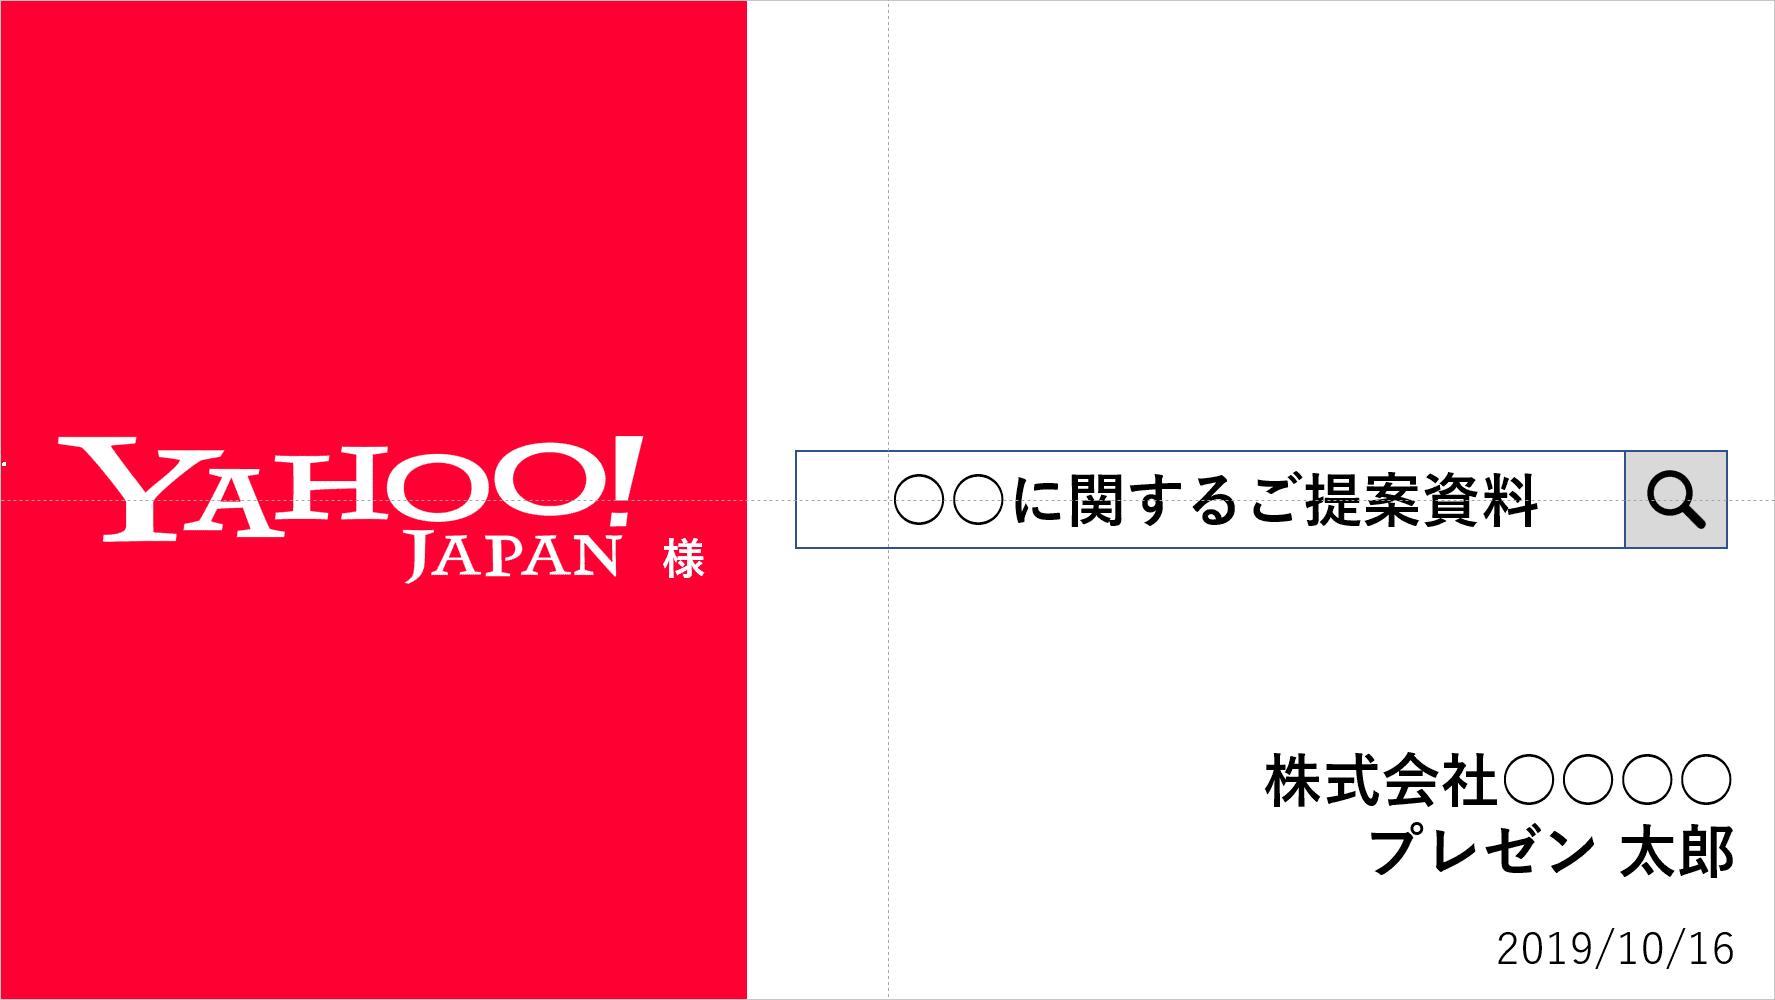 Yahoo!JAPAN提案資料